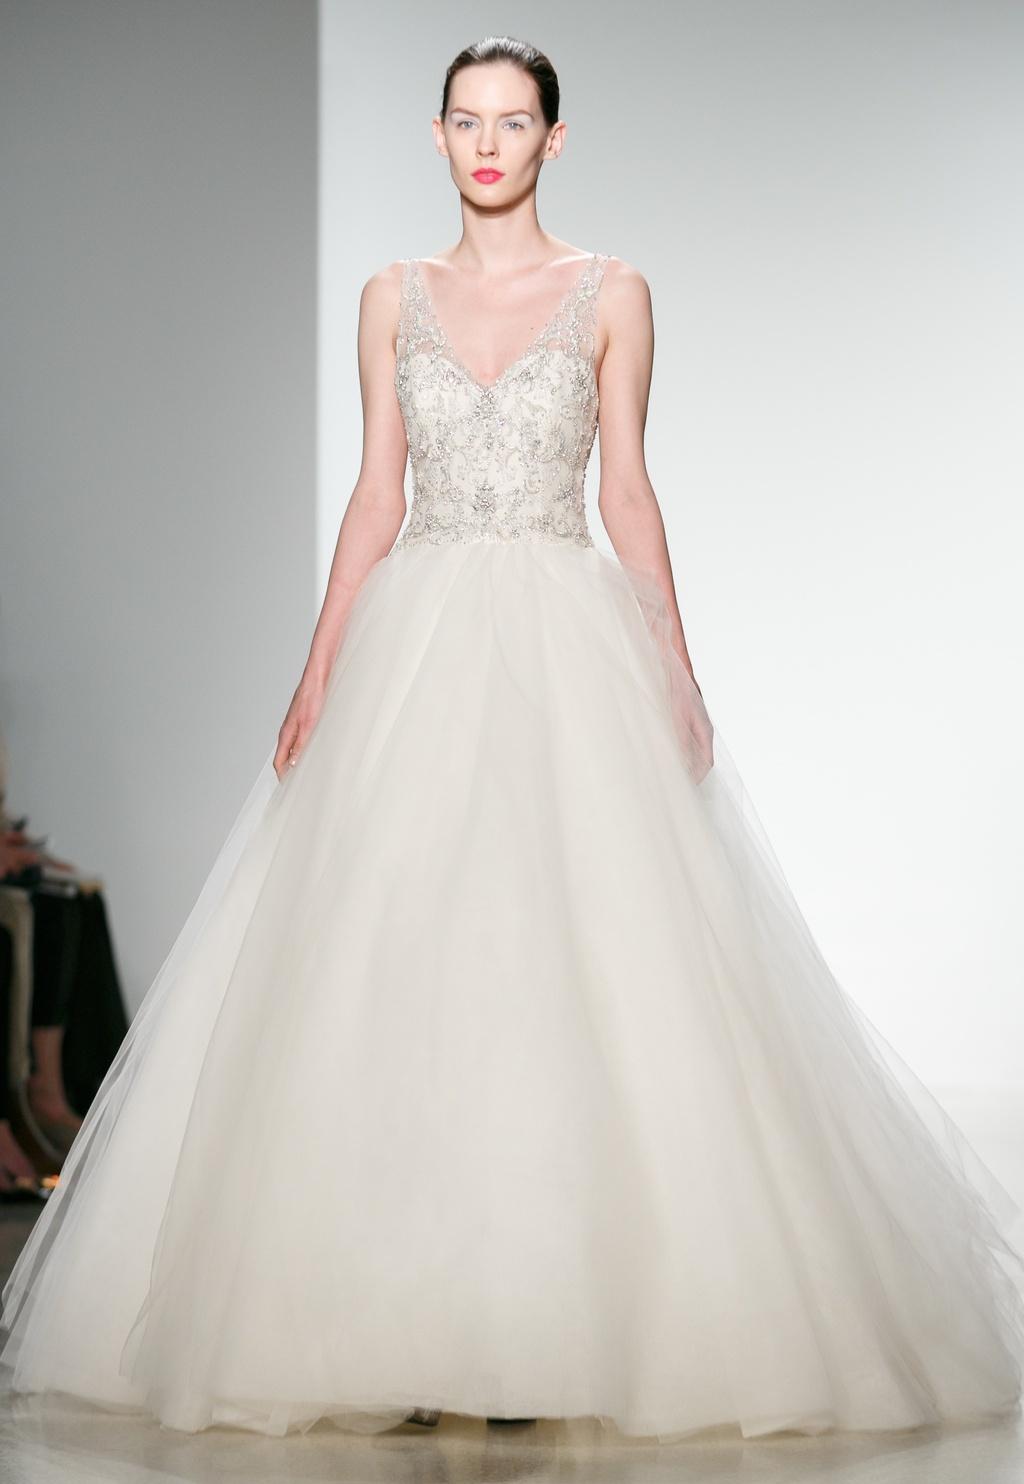 Kenneth-pool-wedding-dress-spring-2014-bridal-emilia.full